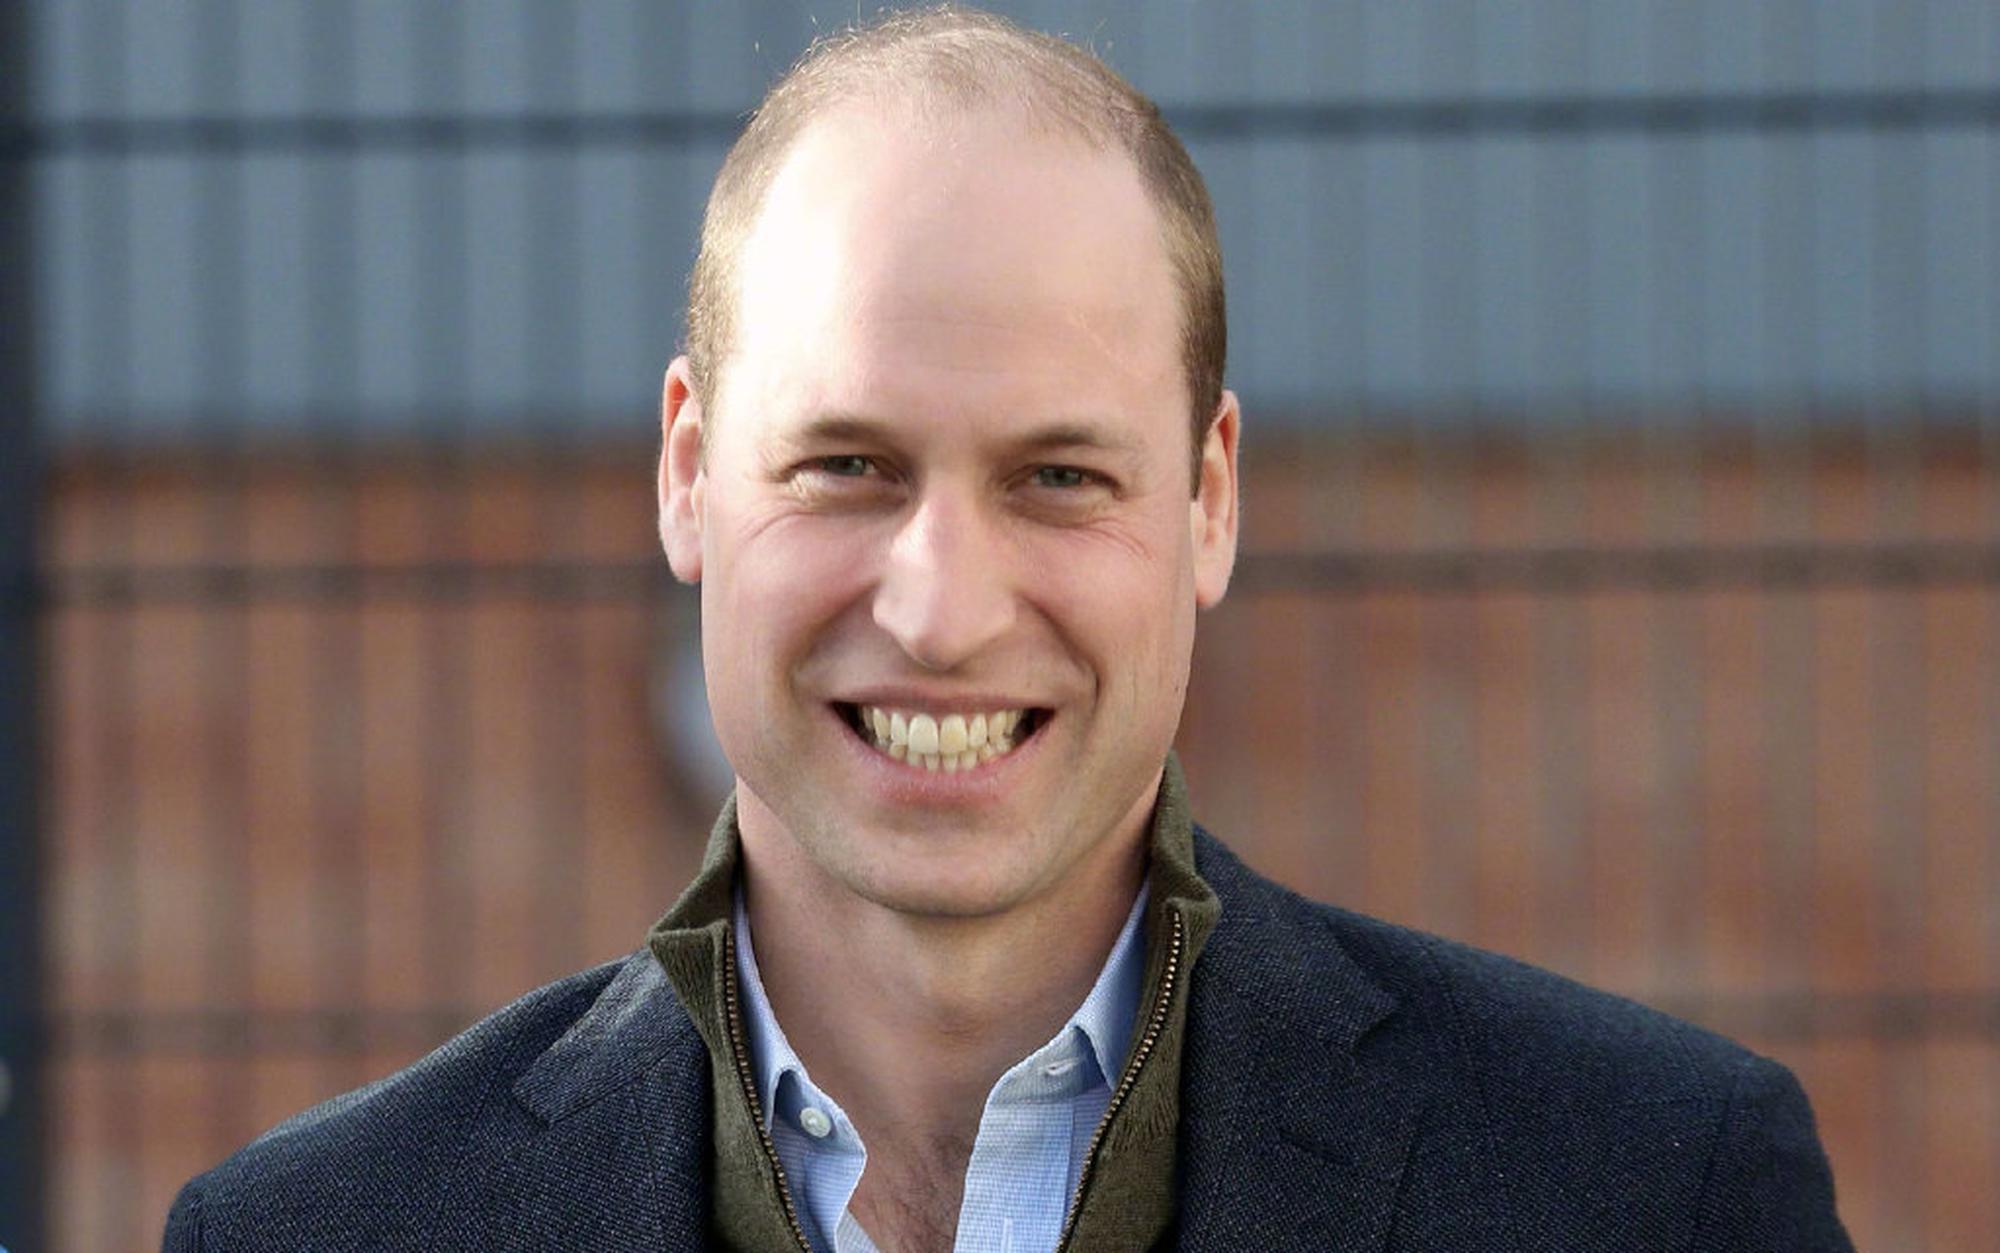 威廉王子被评为最性感秃顶男人 巨石强森不服